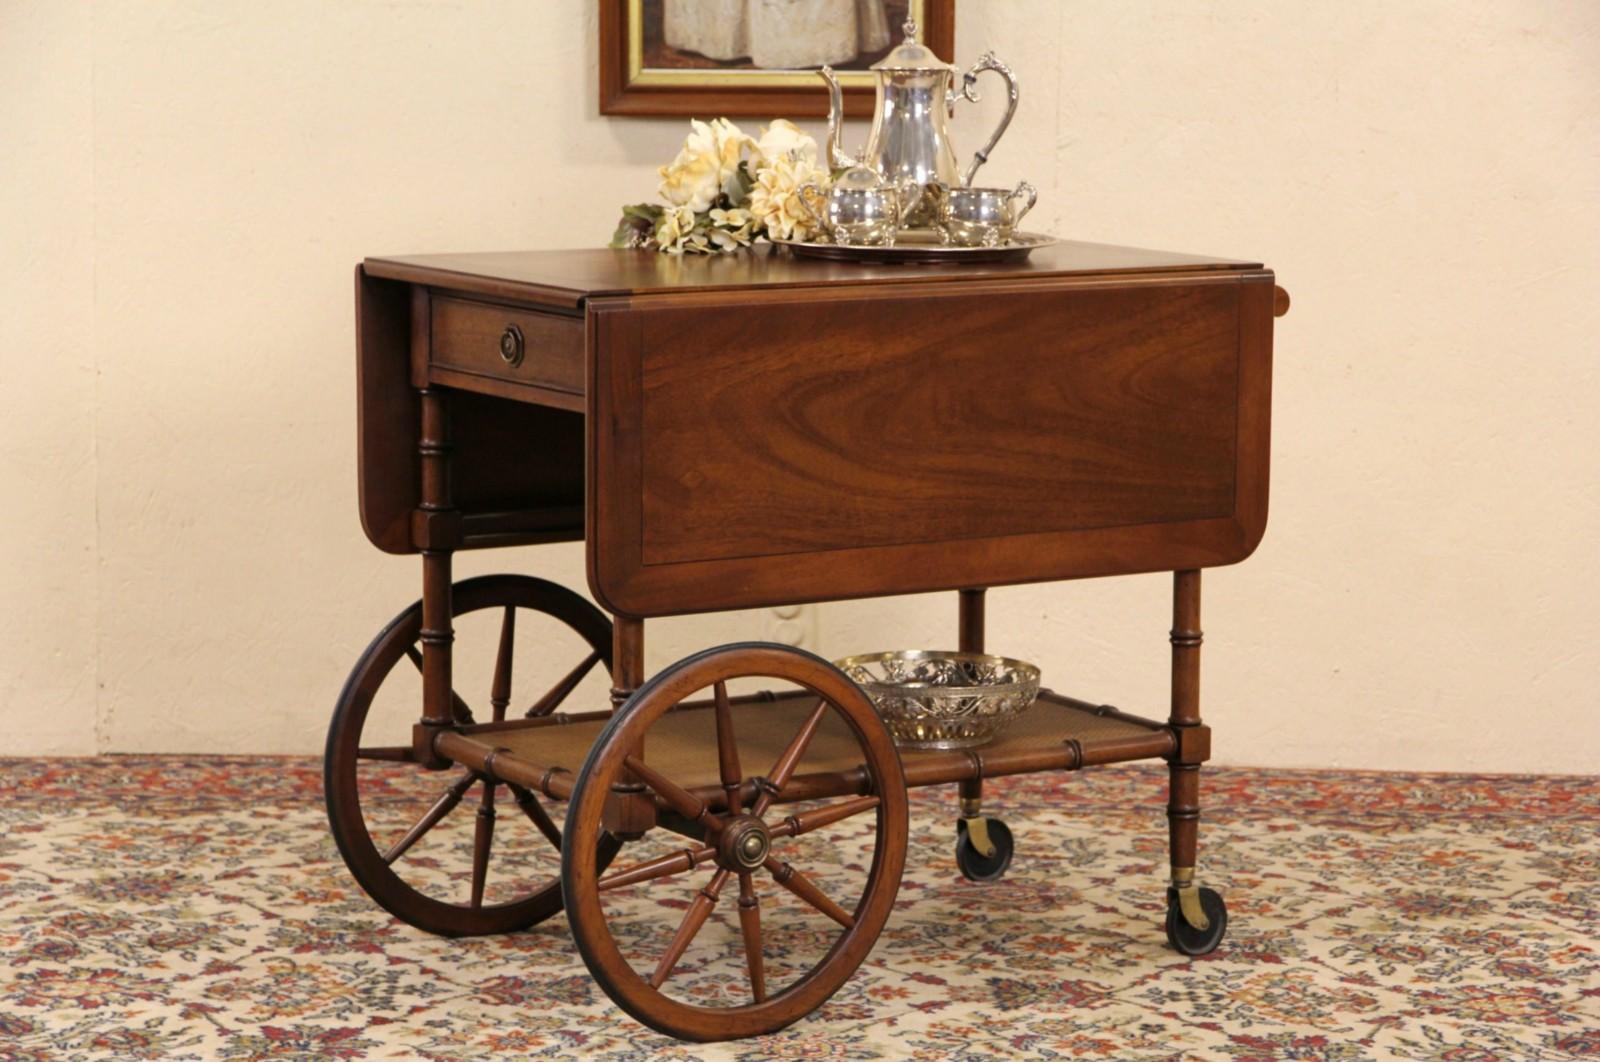 Sold Mahogany Vintage Tea Cart Beverage Or Dessert